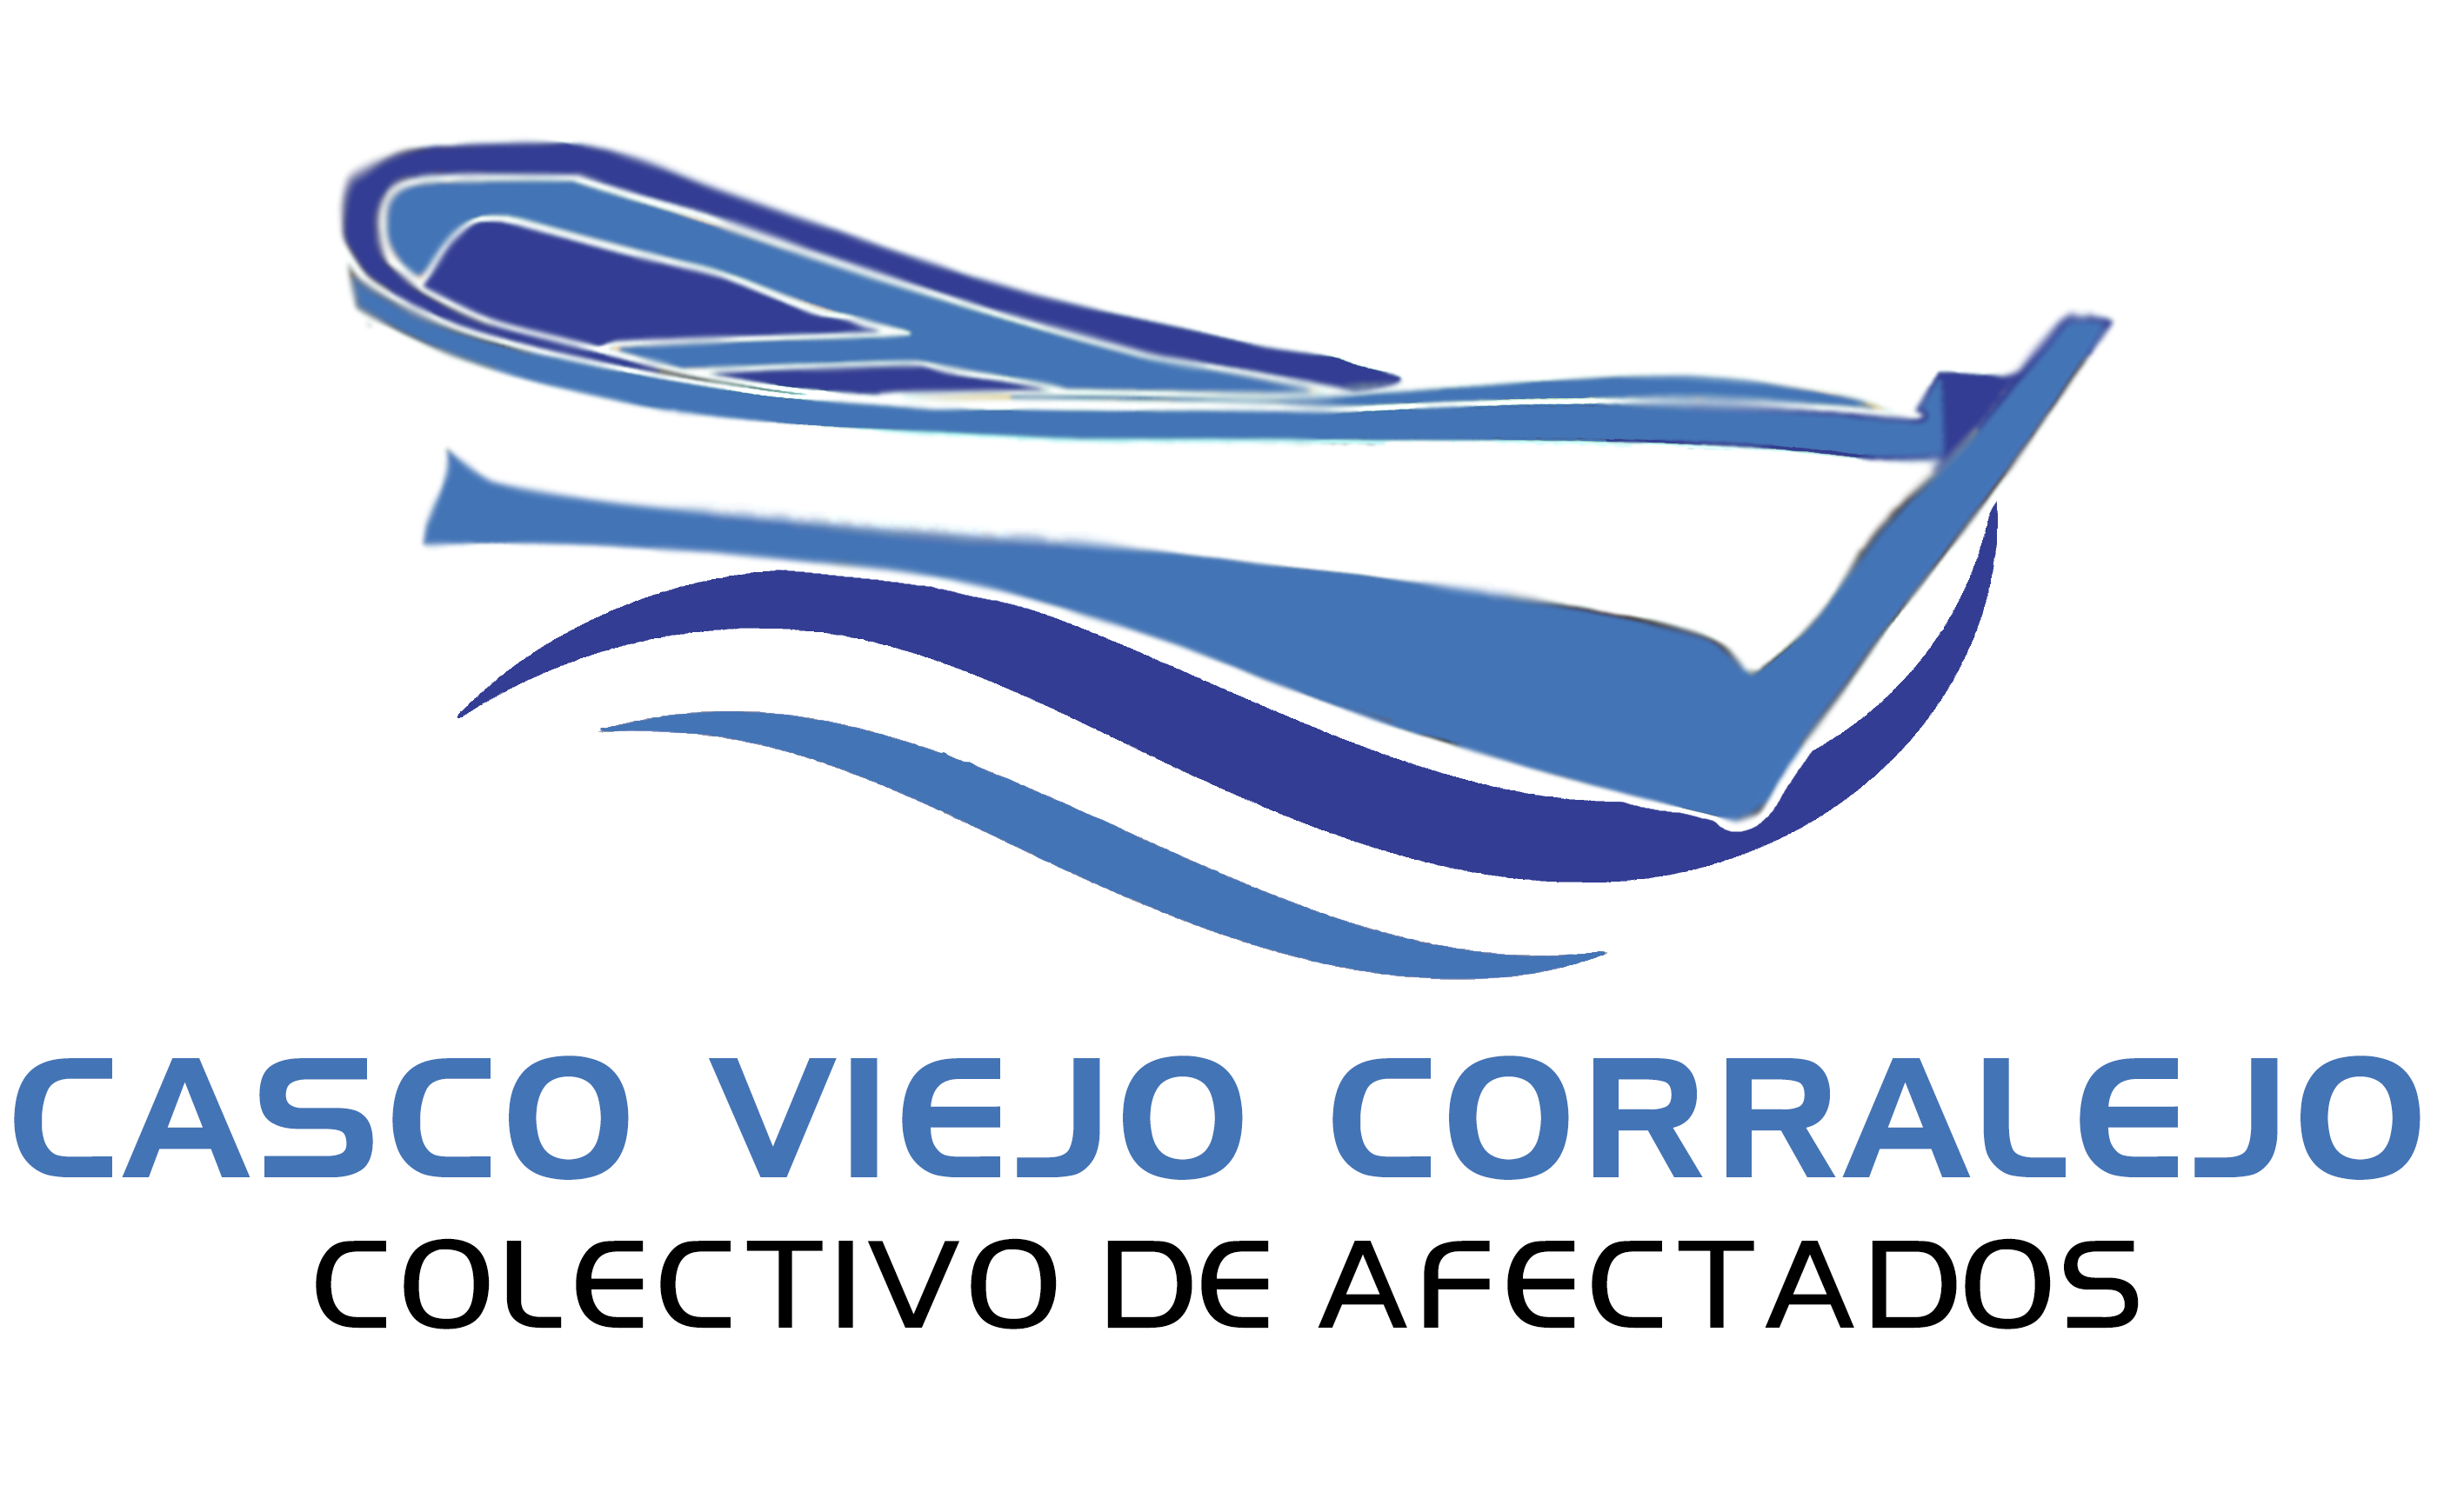 Colectivo de afectados Cascos viejo de Corralejo